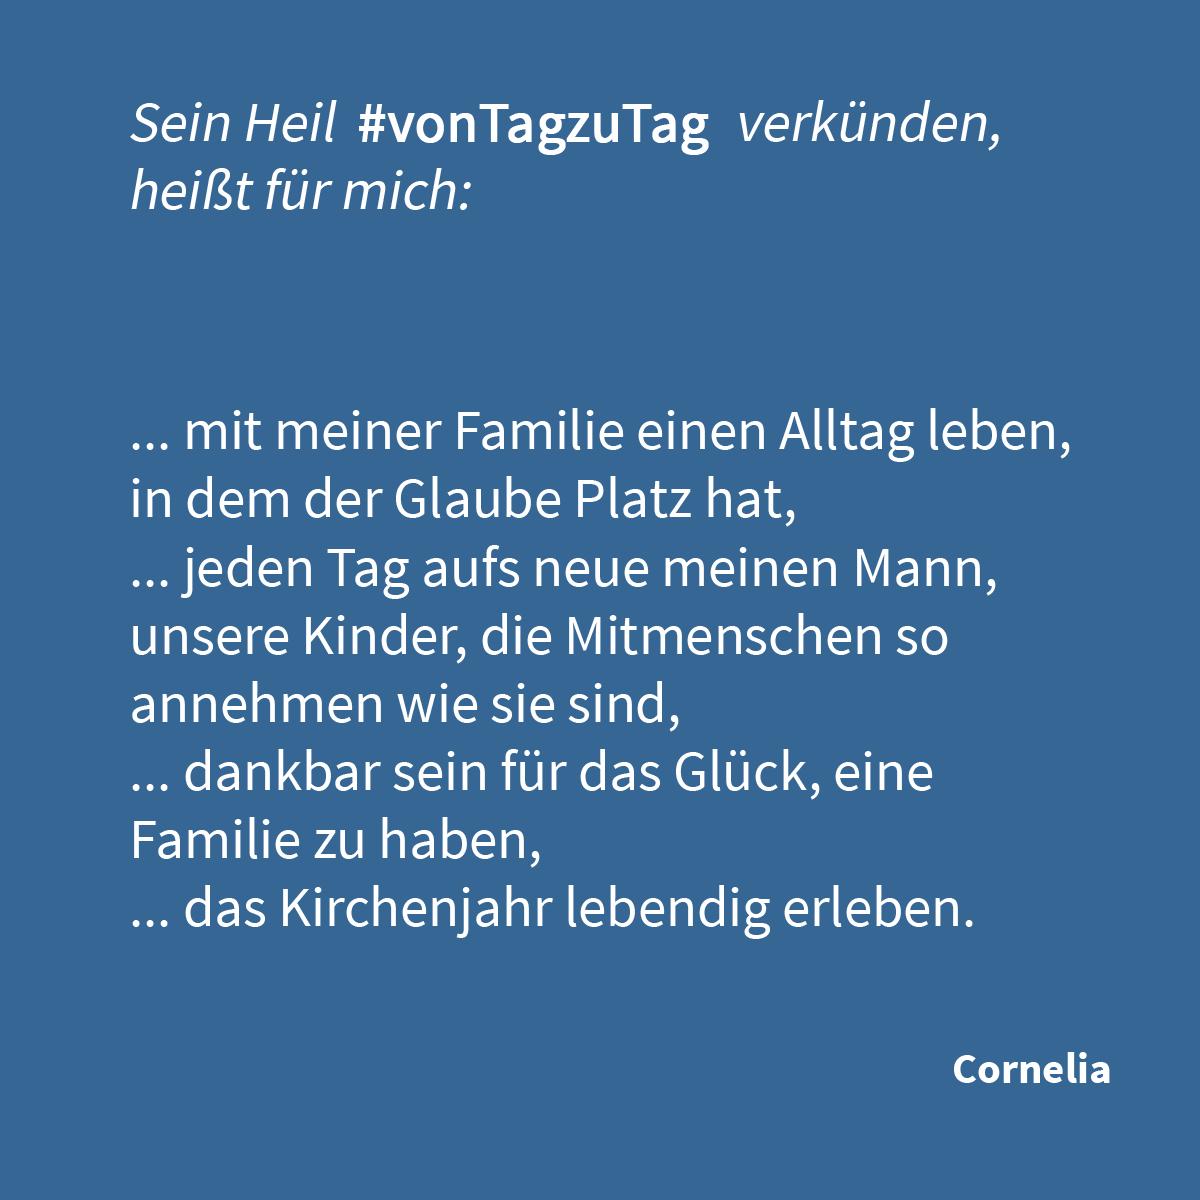 """""""Sein Heil #vonTagzuTag verkünden, heißt für mich, ... mit meiner Familie einen Alltag leben, in dem der Glaube Platz hat, ... jeden Tag aufs neue meinen Mann, unsere Kinder, die Mitmenschen so annehmen wie sie sind, ... dankbar sein für das Glück, eine Familie zu haben, ... das Kirchenjahr lebendig erleben."""" (Cornelia)"""